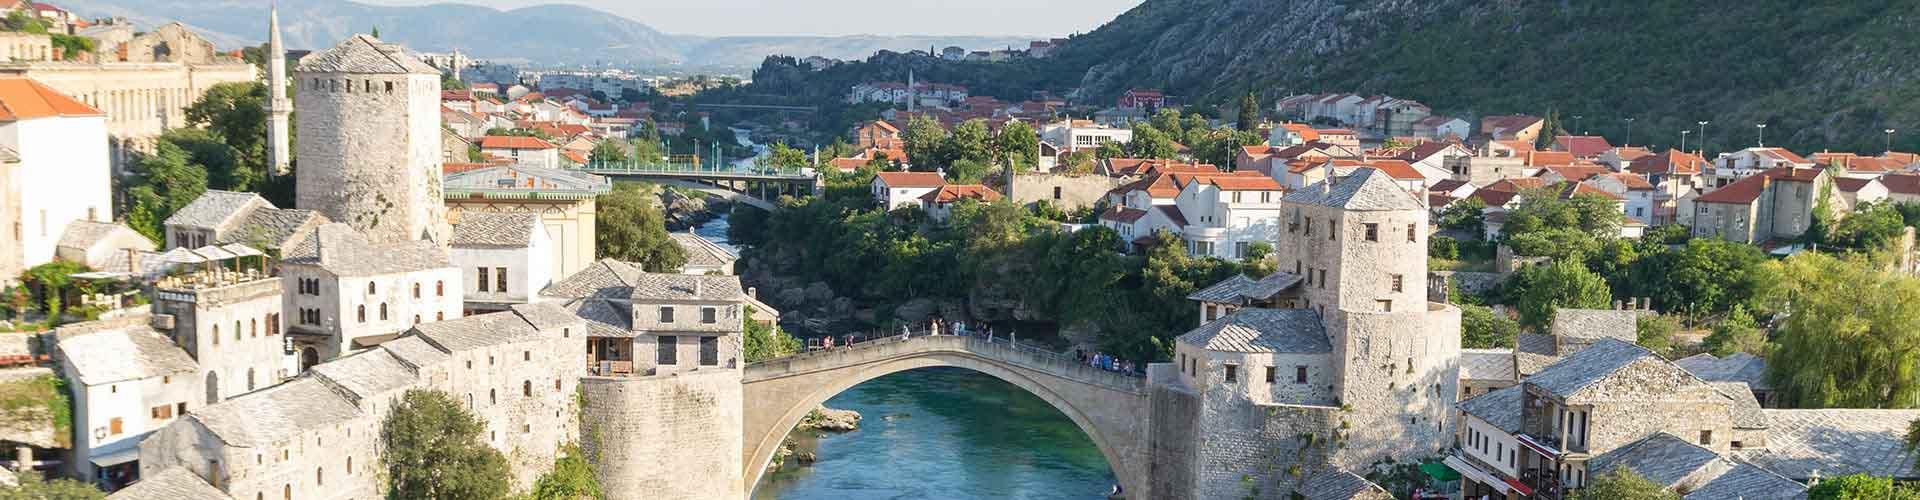 Mostar - Auberges de jeunesse à Mostar. Cartes pour Mostar, photos et commentaires pour chaque auberge de jeunesse à Mostar.